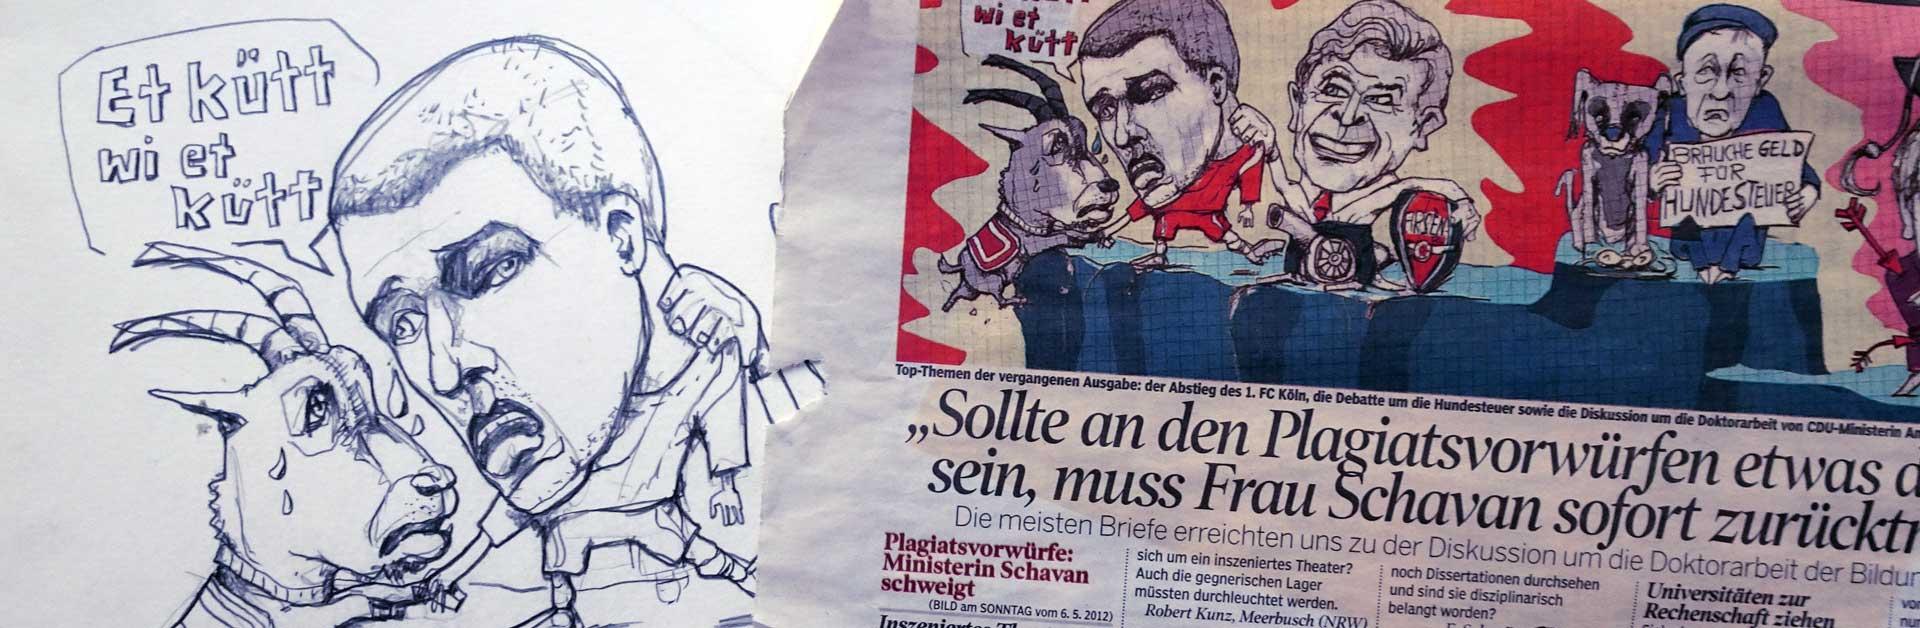 Abstieg 1. FC Köln, Podolski wechselt zu Arsenal, Hundesteuer, Schawans Doktorarbeit Karikatur